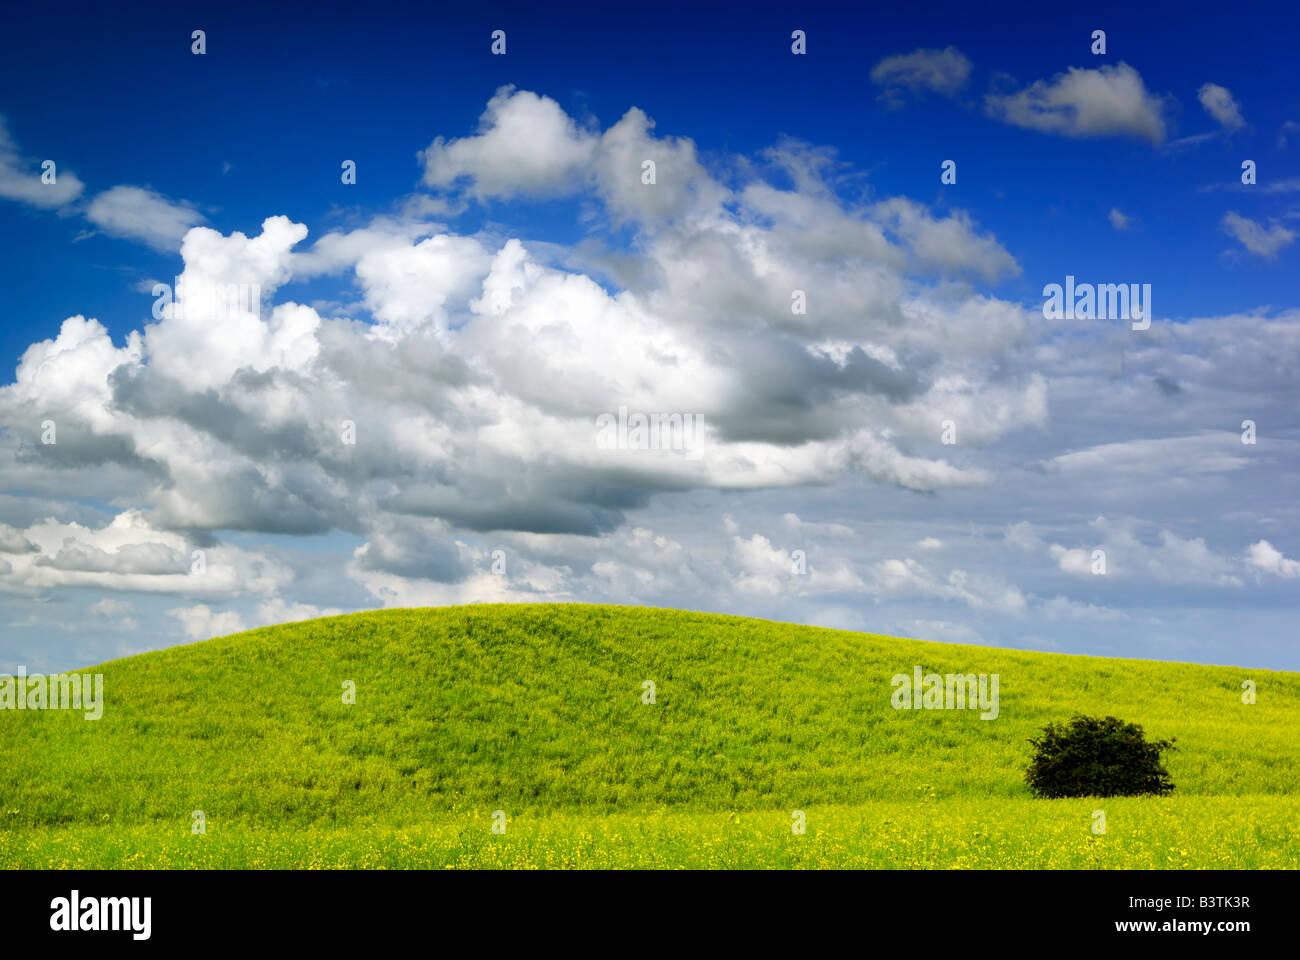 Paysage d'été saturés - vue sur prairie. L'Europe, Pologne. Adobe RGB (1998). Photo Stock